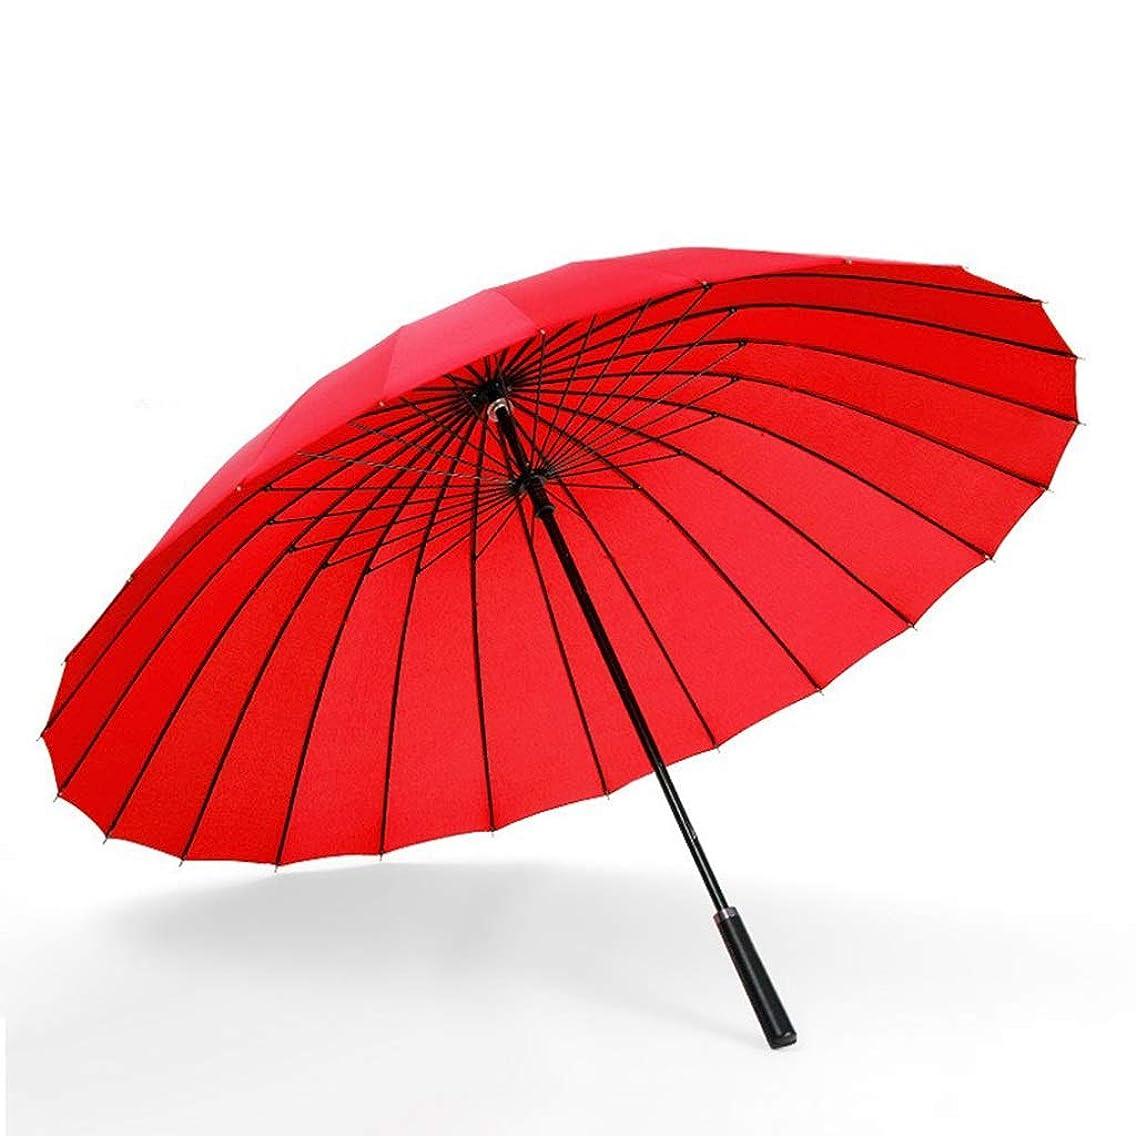 追う方法真似るYSYYSH ロングハンドル傘黒ストレートハンドル防風ビジネス傘24骨の大規模な二重補強抗嵐赤85 CMマニュアル クラシック傘